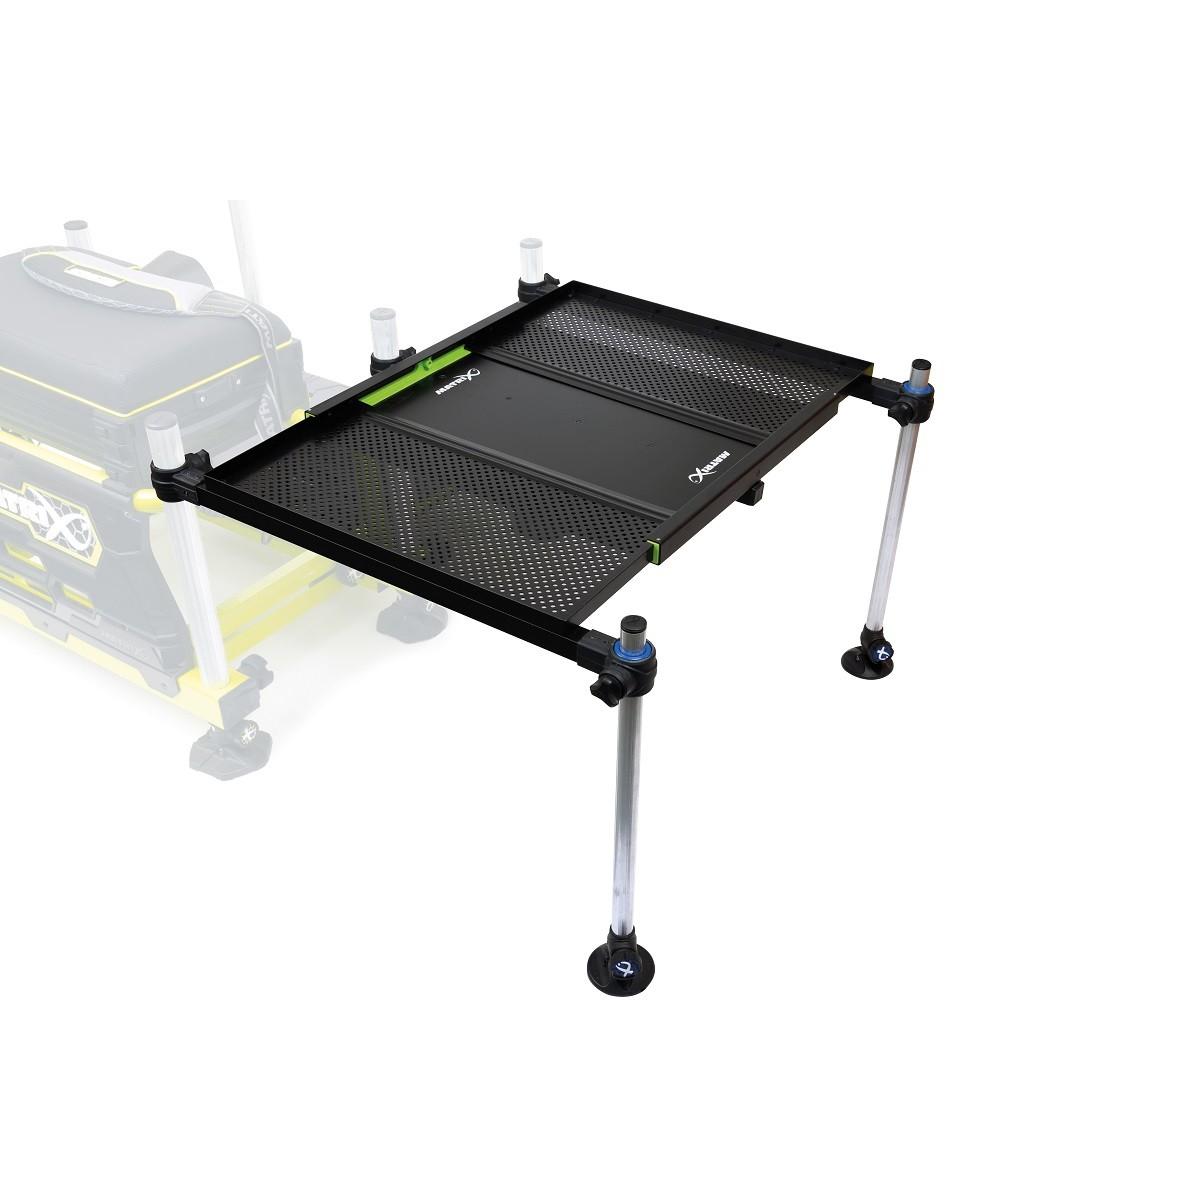 Прикачна за платформа Matrix 3D XL Extending Side Tray inc Inserts - странична разтегателна скара